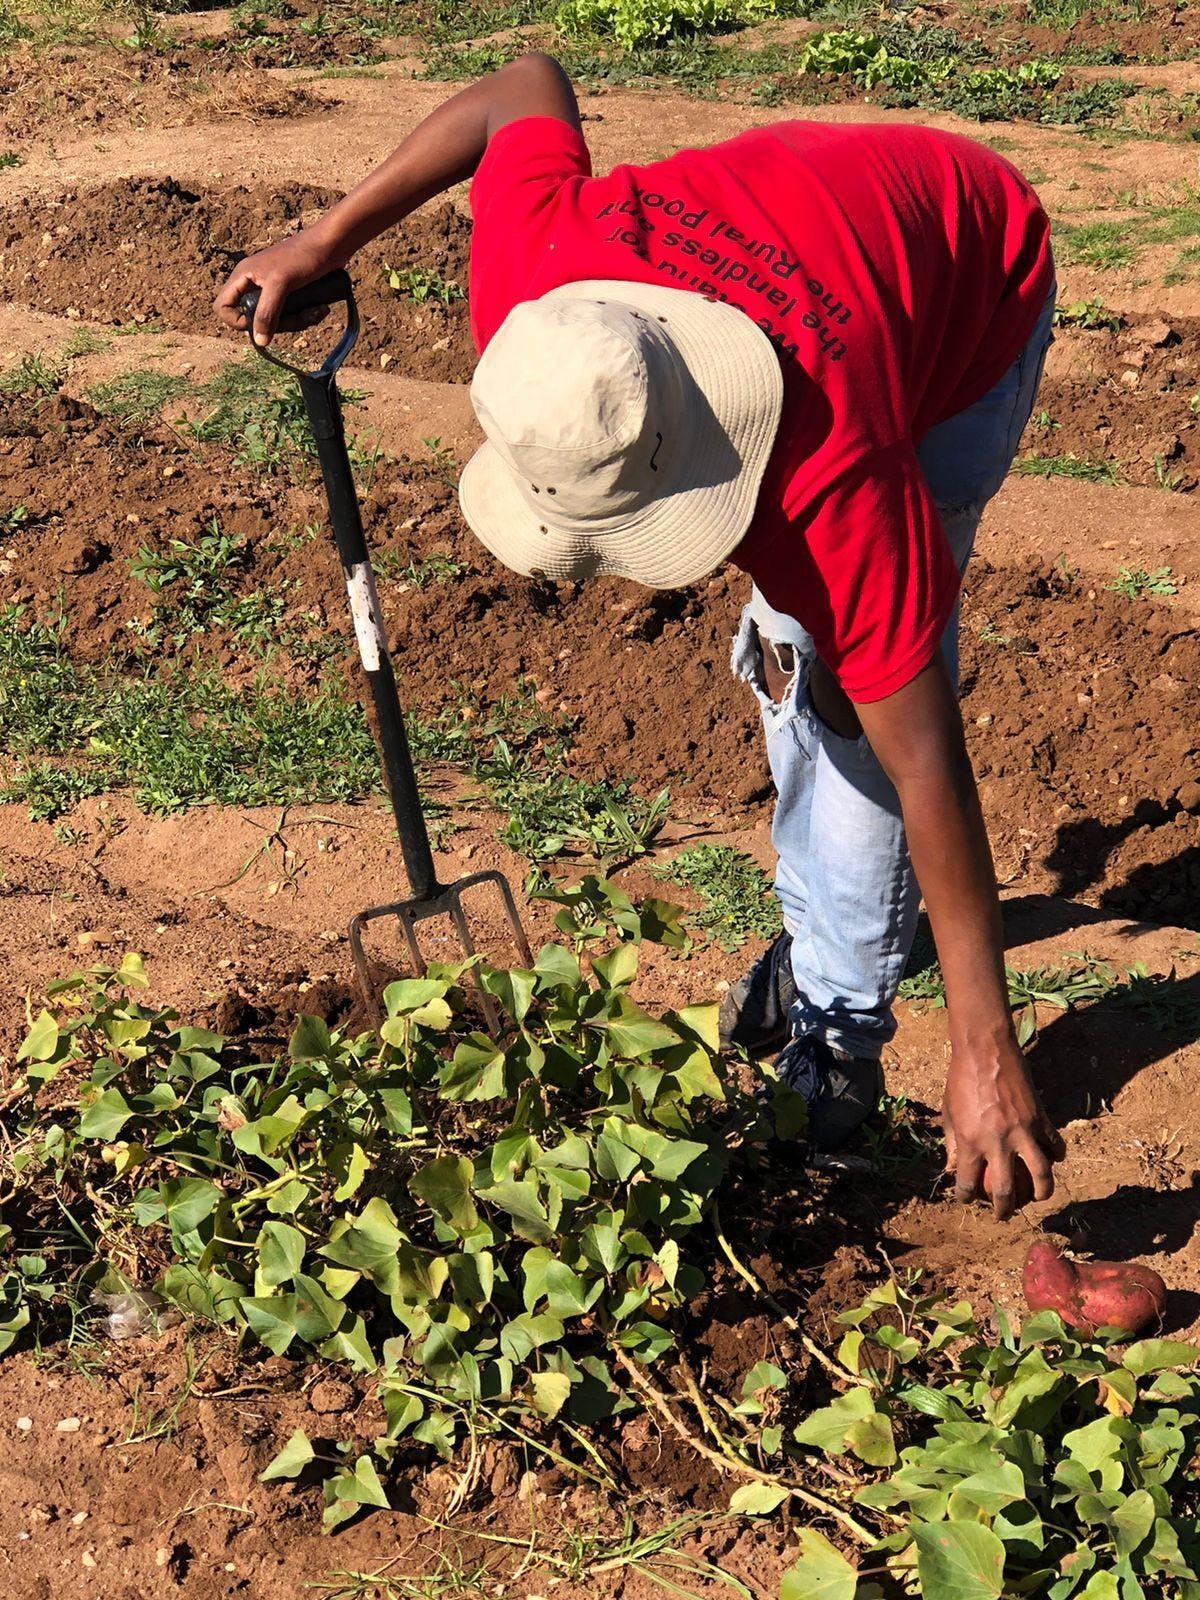 Photo courtesy of CIPSET, Nelson Mandela University